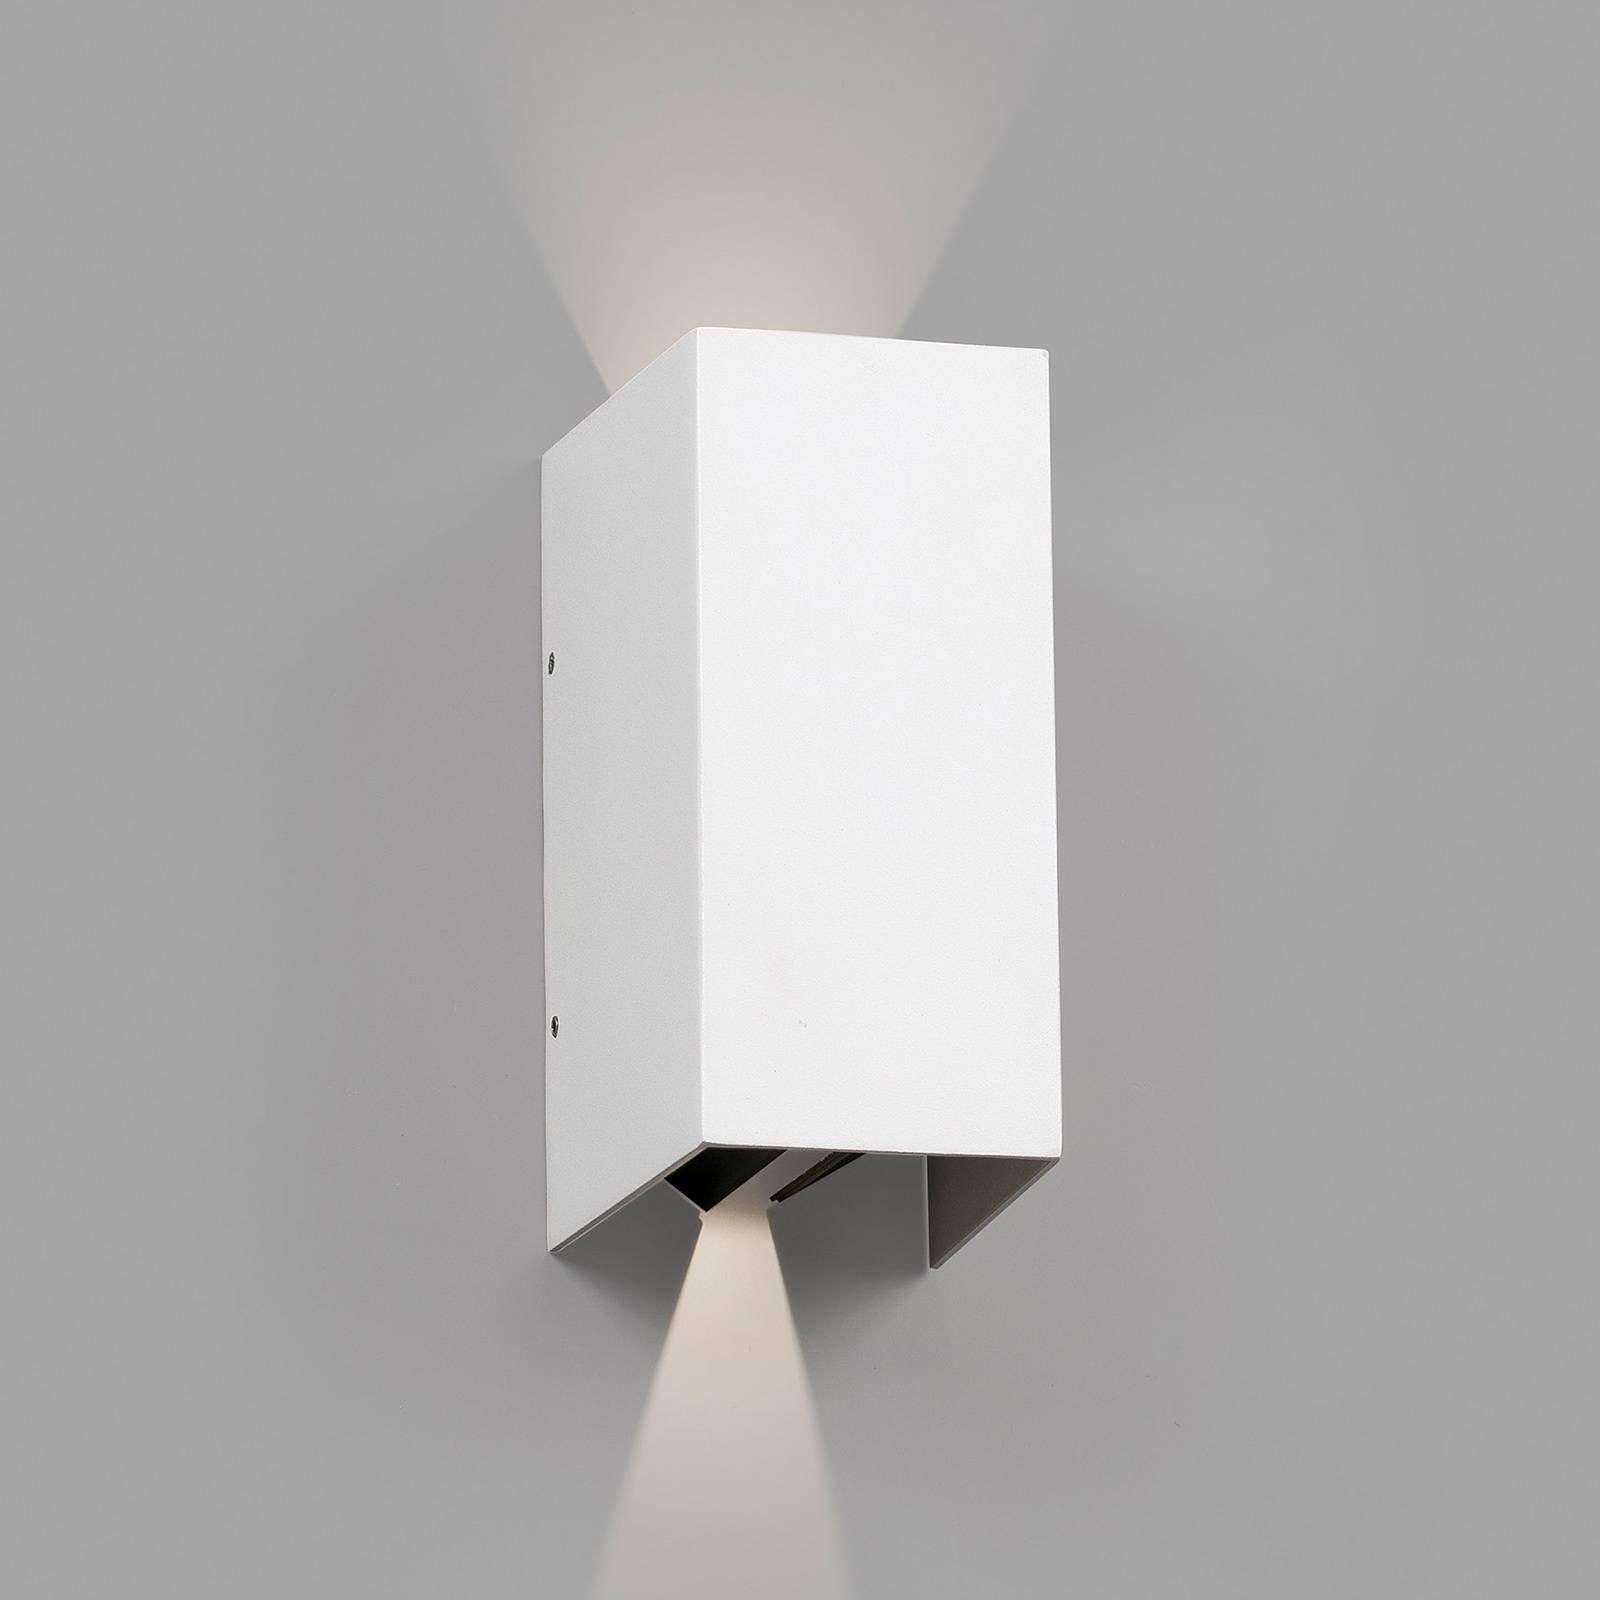 Utendørs LED-vegglampe Blind, hvit